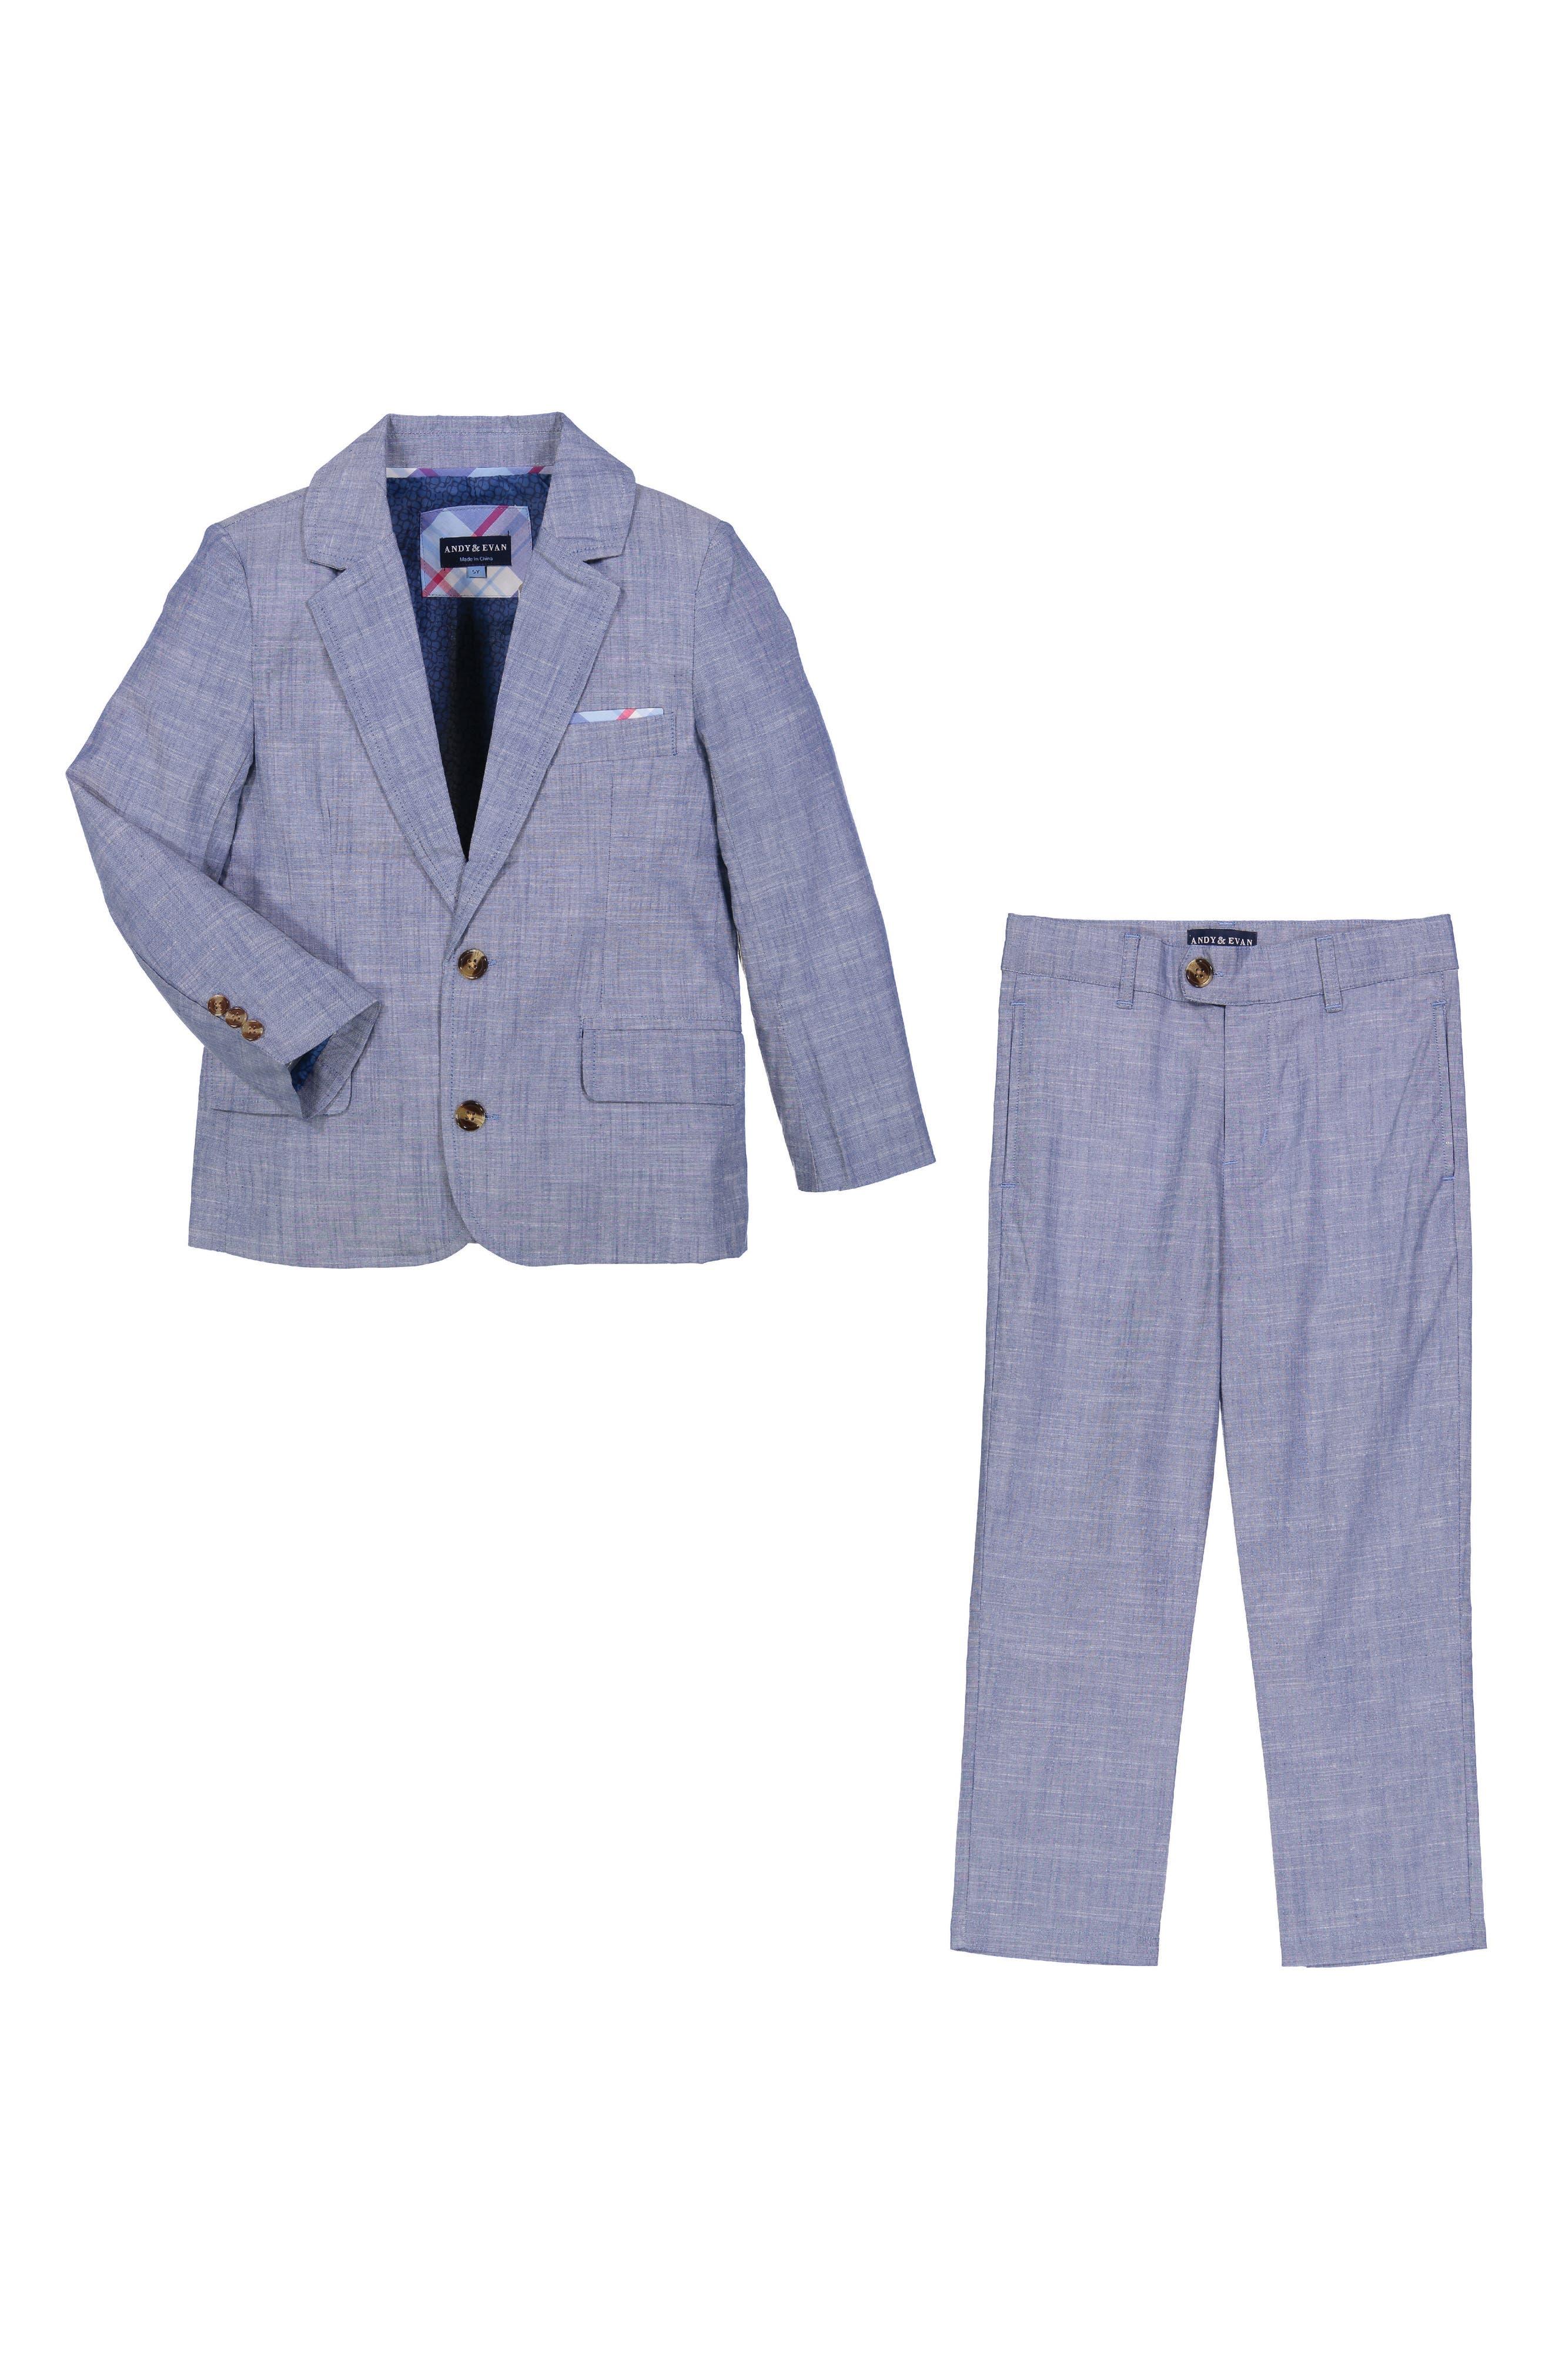 Chambray Suit Set,                             Main thumbnail 1, color,                             BLUE